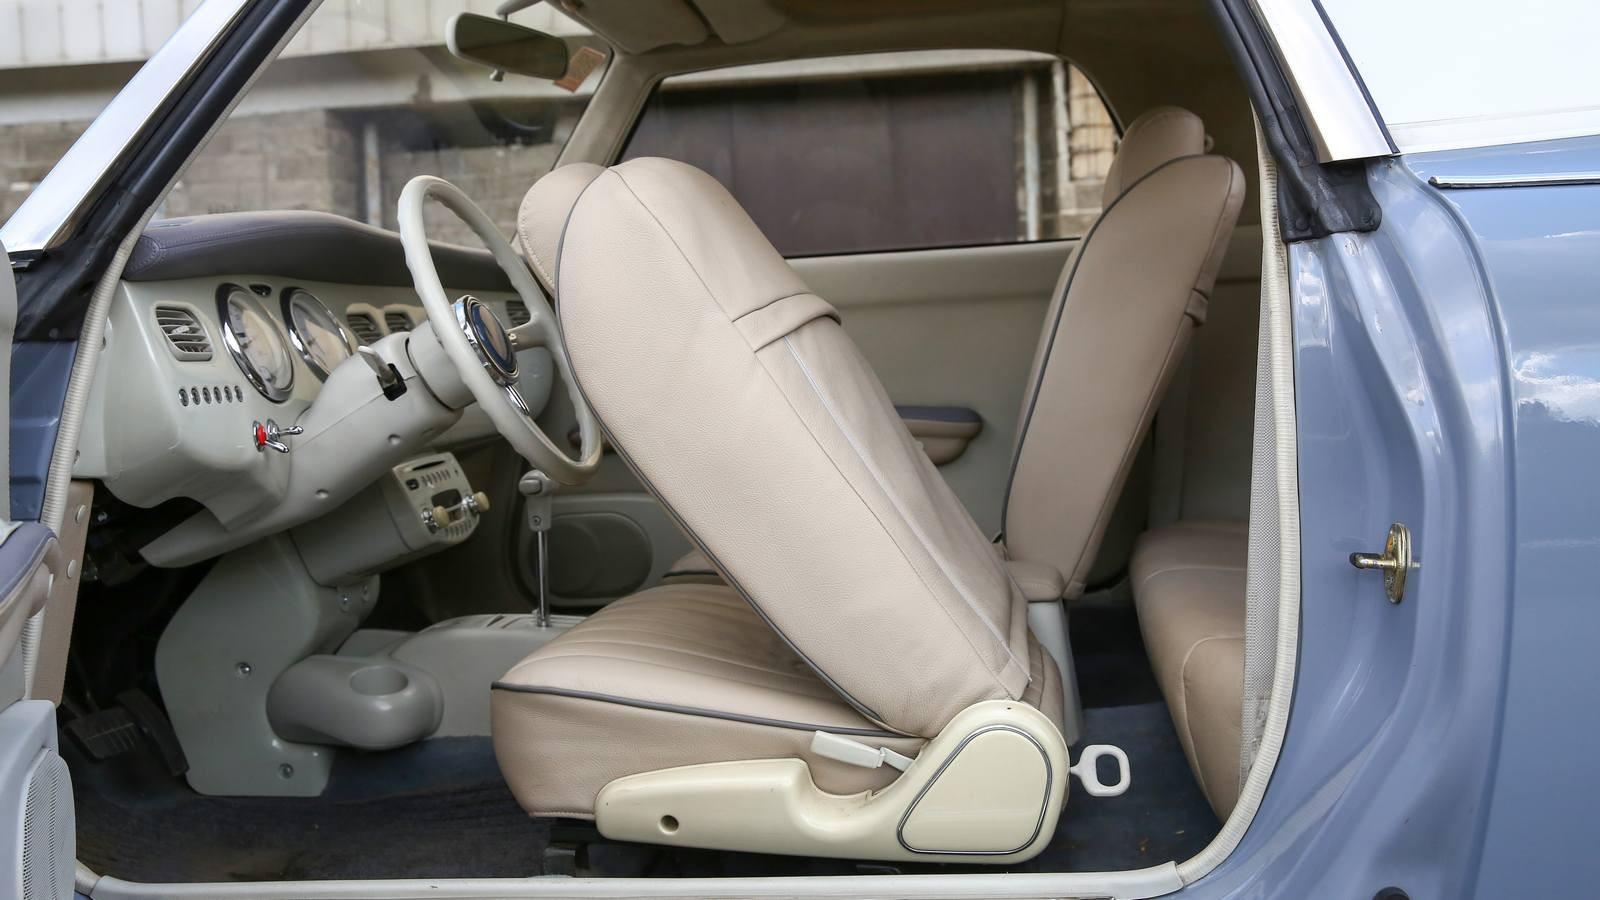 Фигаро тут, Фигаро там: опыт владения Nissan Figaro 1991 года